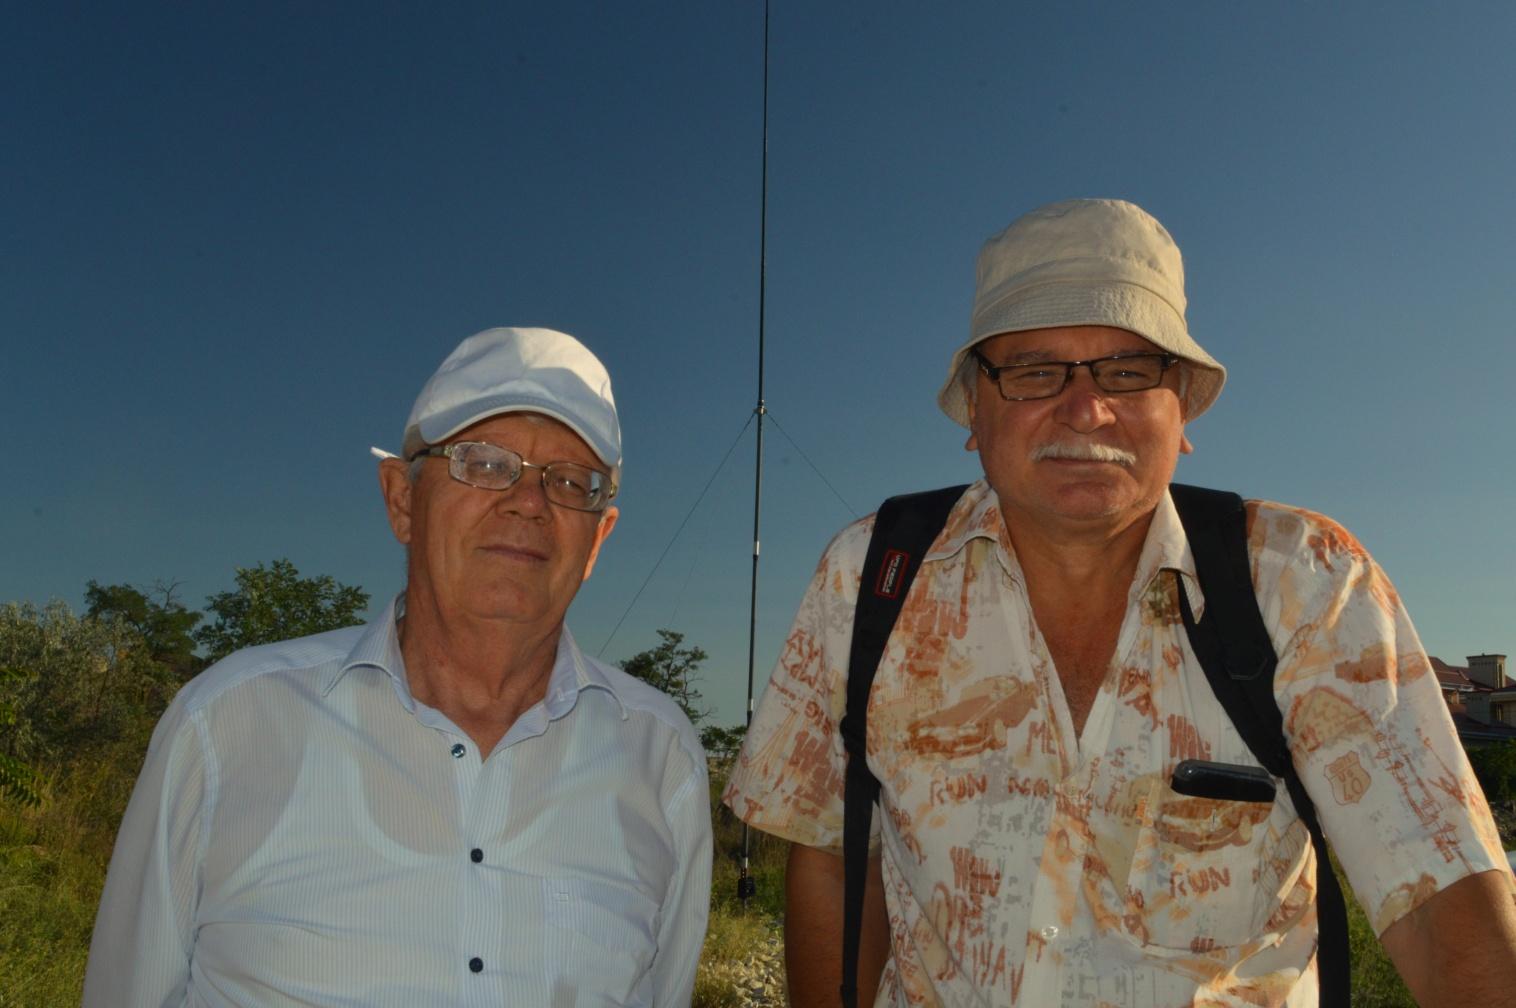 Андрей Уженков RZ6BY, нас спаситель на фото справа в панаме и с роскошными усами